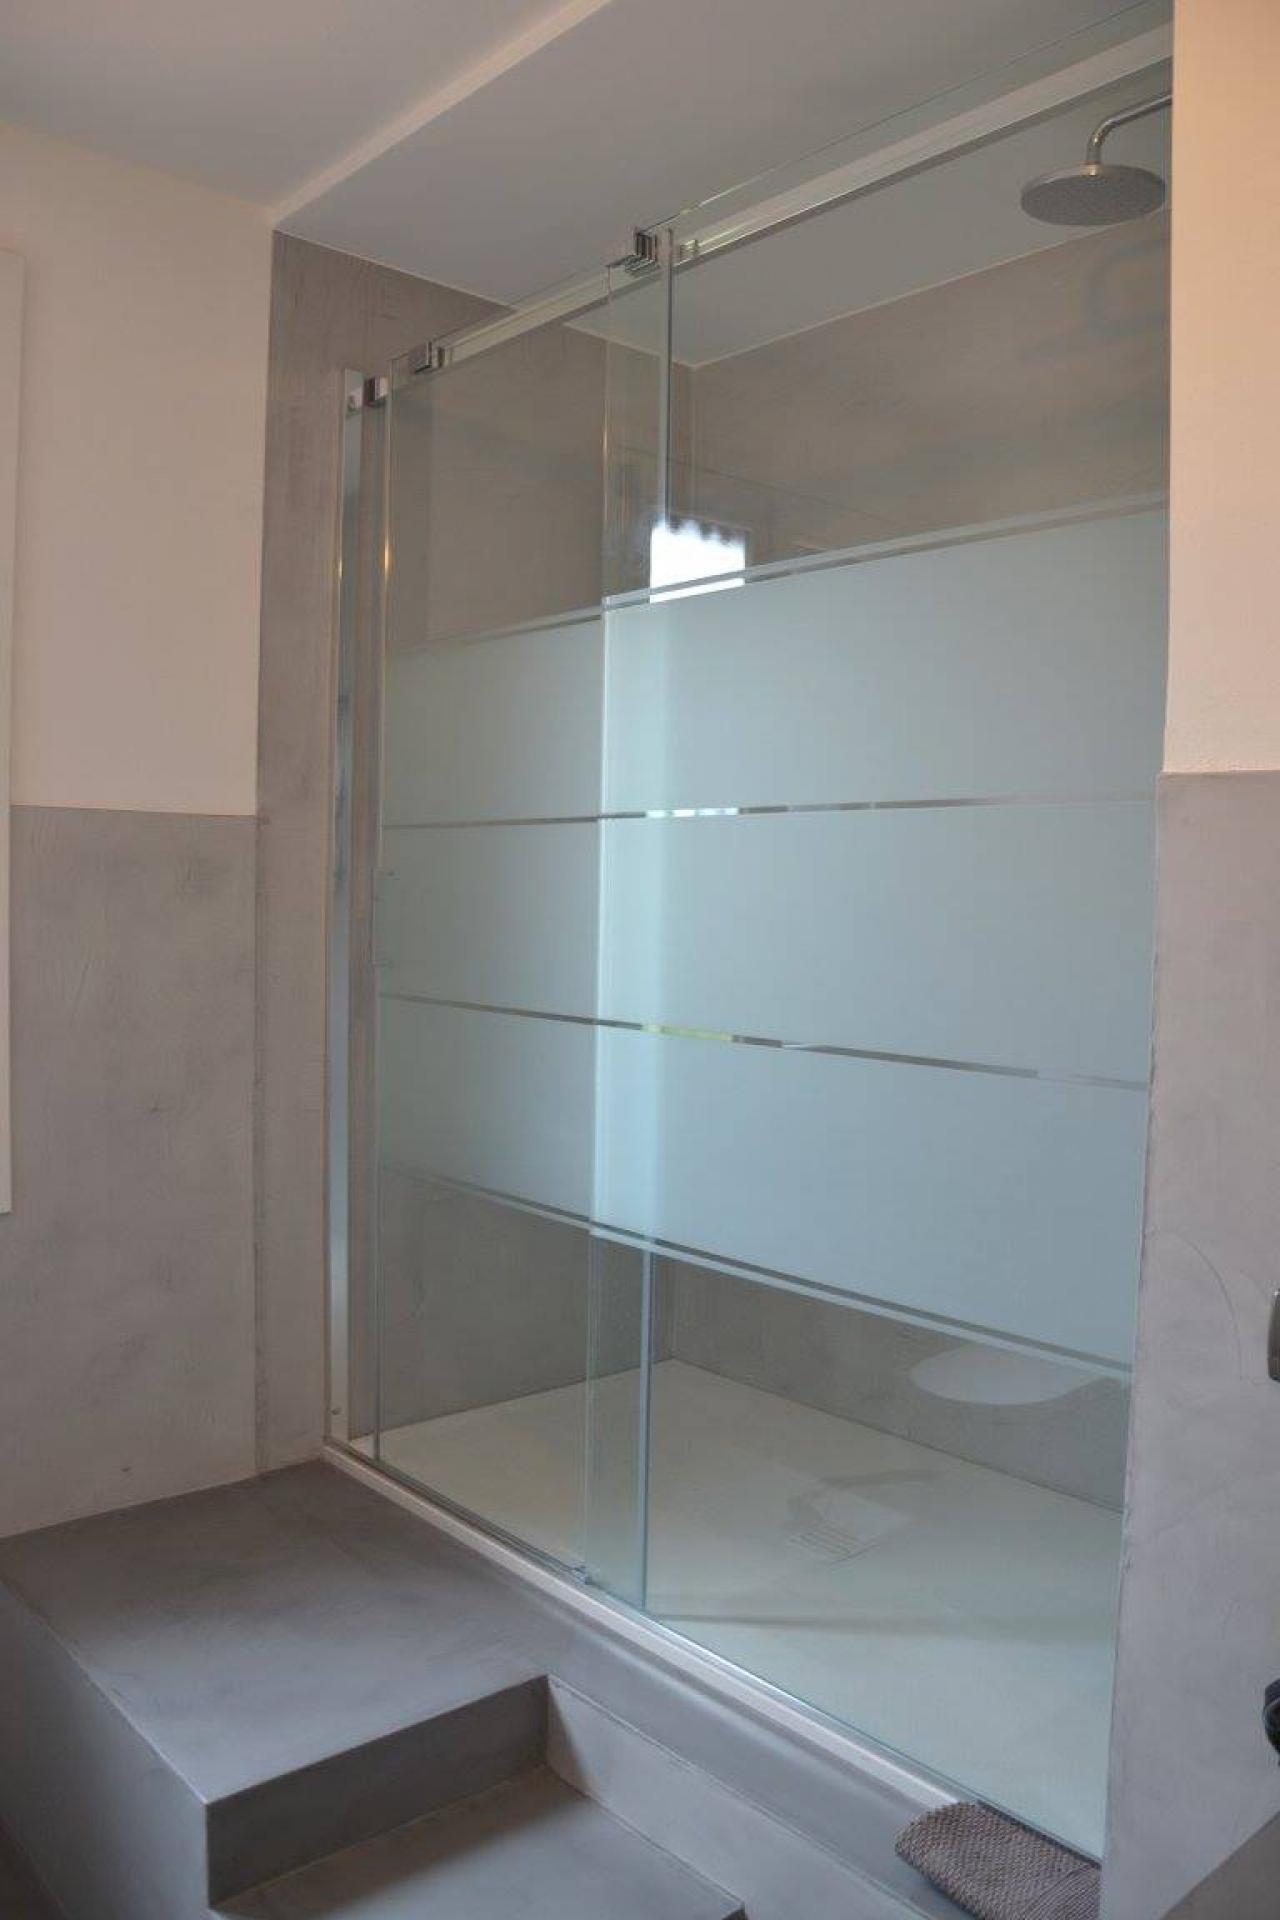 Rimodernare bagno rimodernare bagno latest coprire le - Rinnovare la vasca da bagno ...